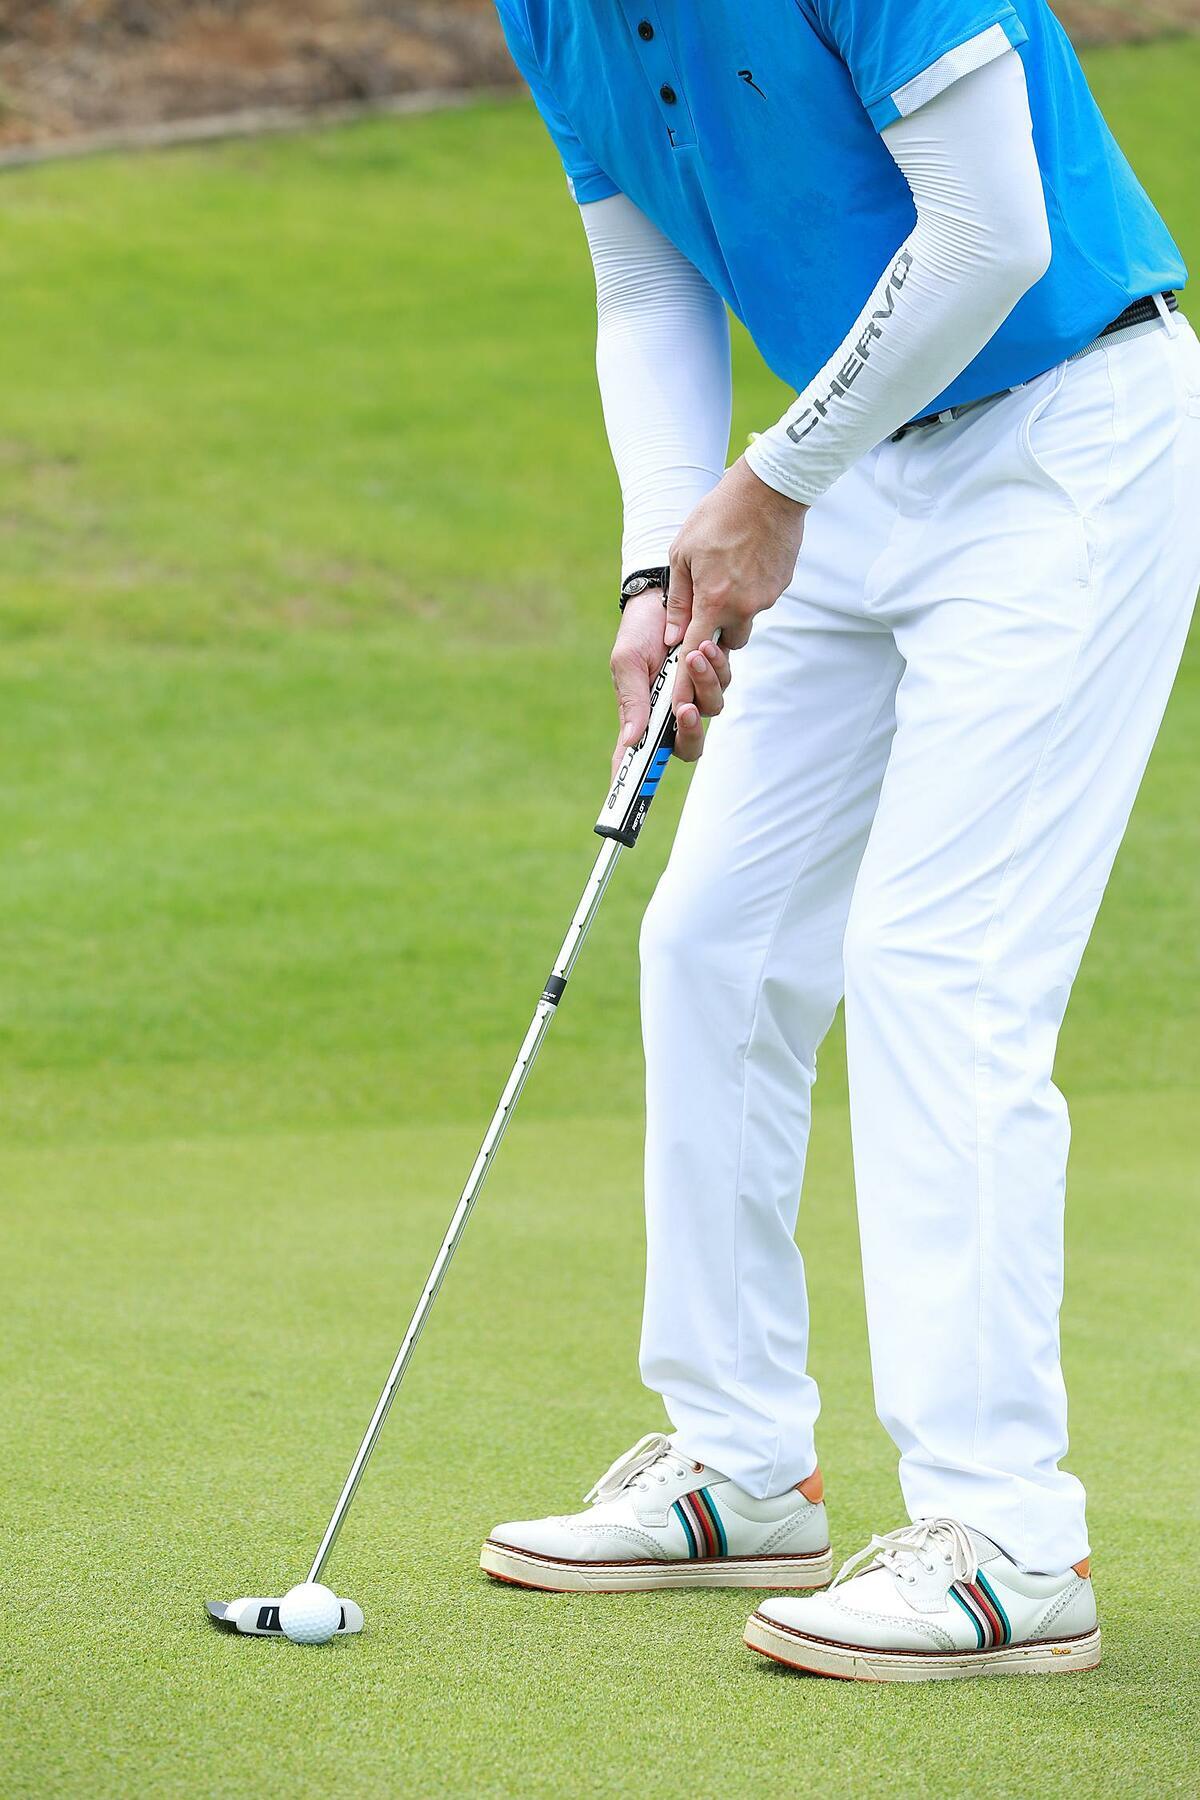 Trải qua hơn 30 năm nghiên cứu, các công nghệ vải Chervo đã được sự thẩm định và công nhận bởi các chuyên gia về golf. Ngoài ra, với đường may tỉ mỉ, sản phẩm của Chervo còn có khả năng giữ form, sợi vải đàn hồi tốt, tăng độ bền cho sản phẩm dù bị kéo, giật mạnh hay sử dụng với tần suất liên tục.